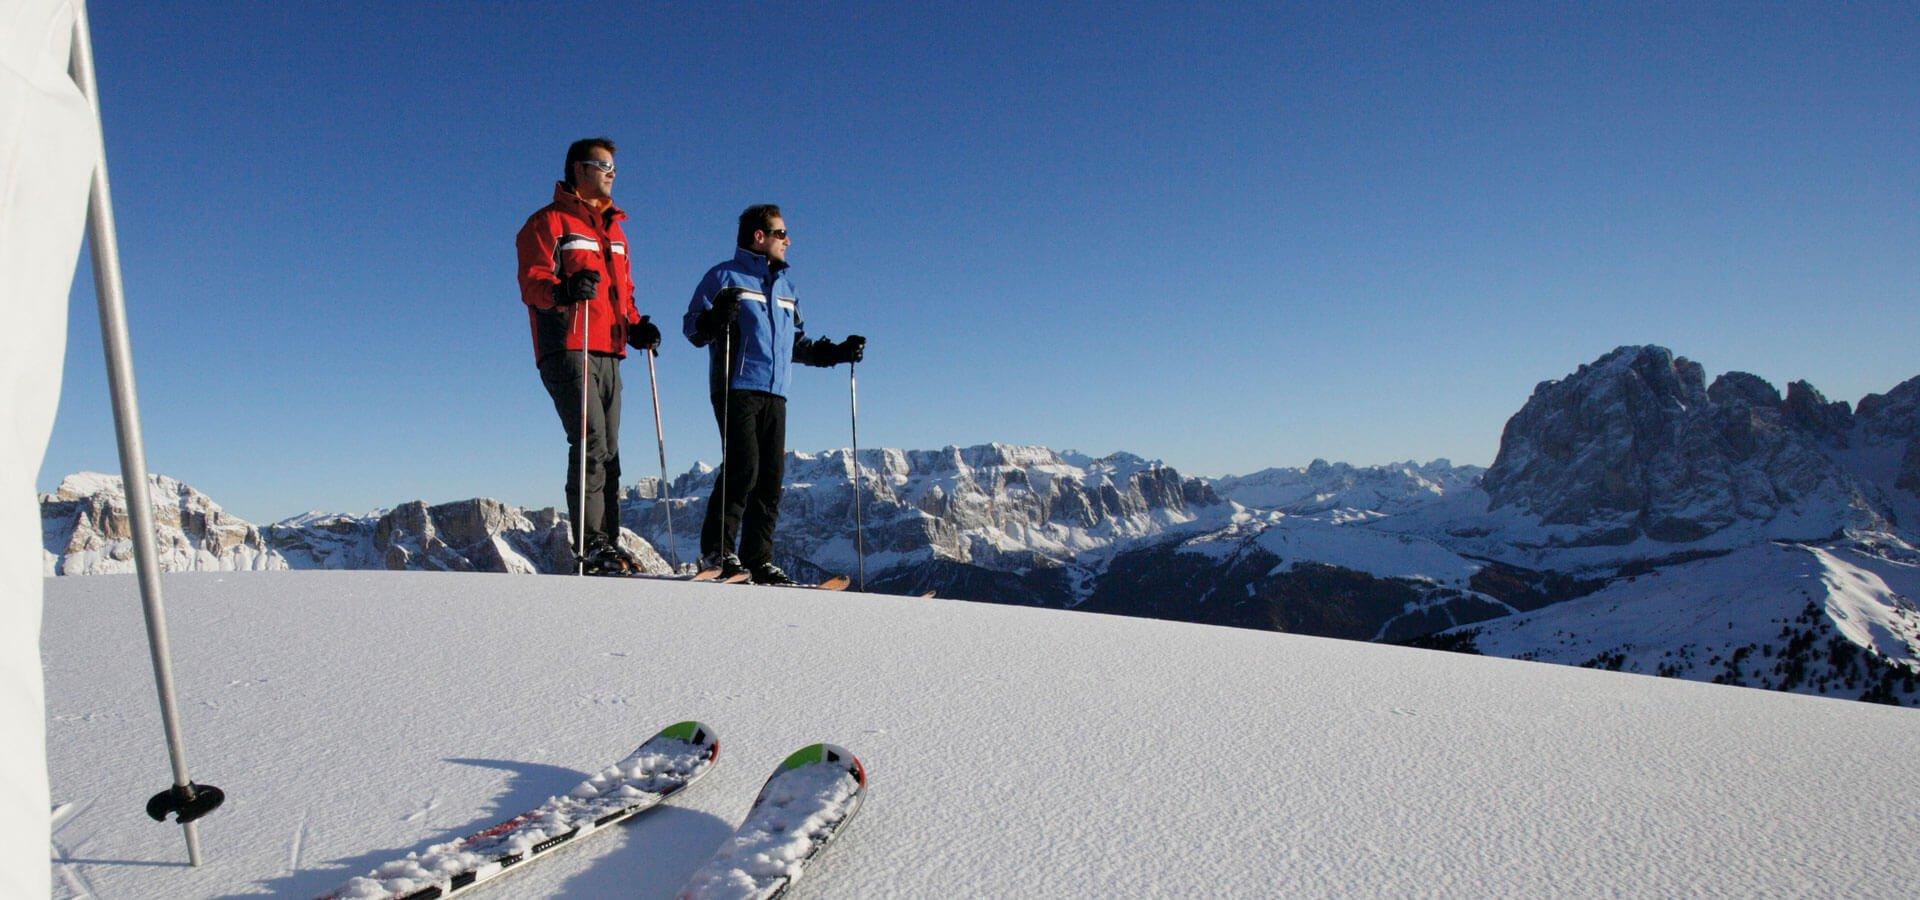 skigebiet-seiser-alm-suedtirol